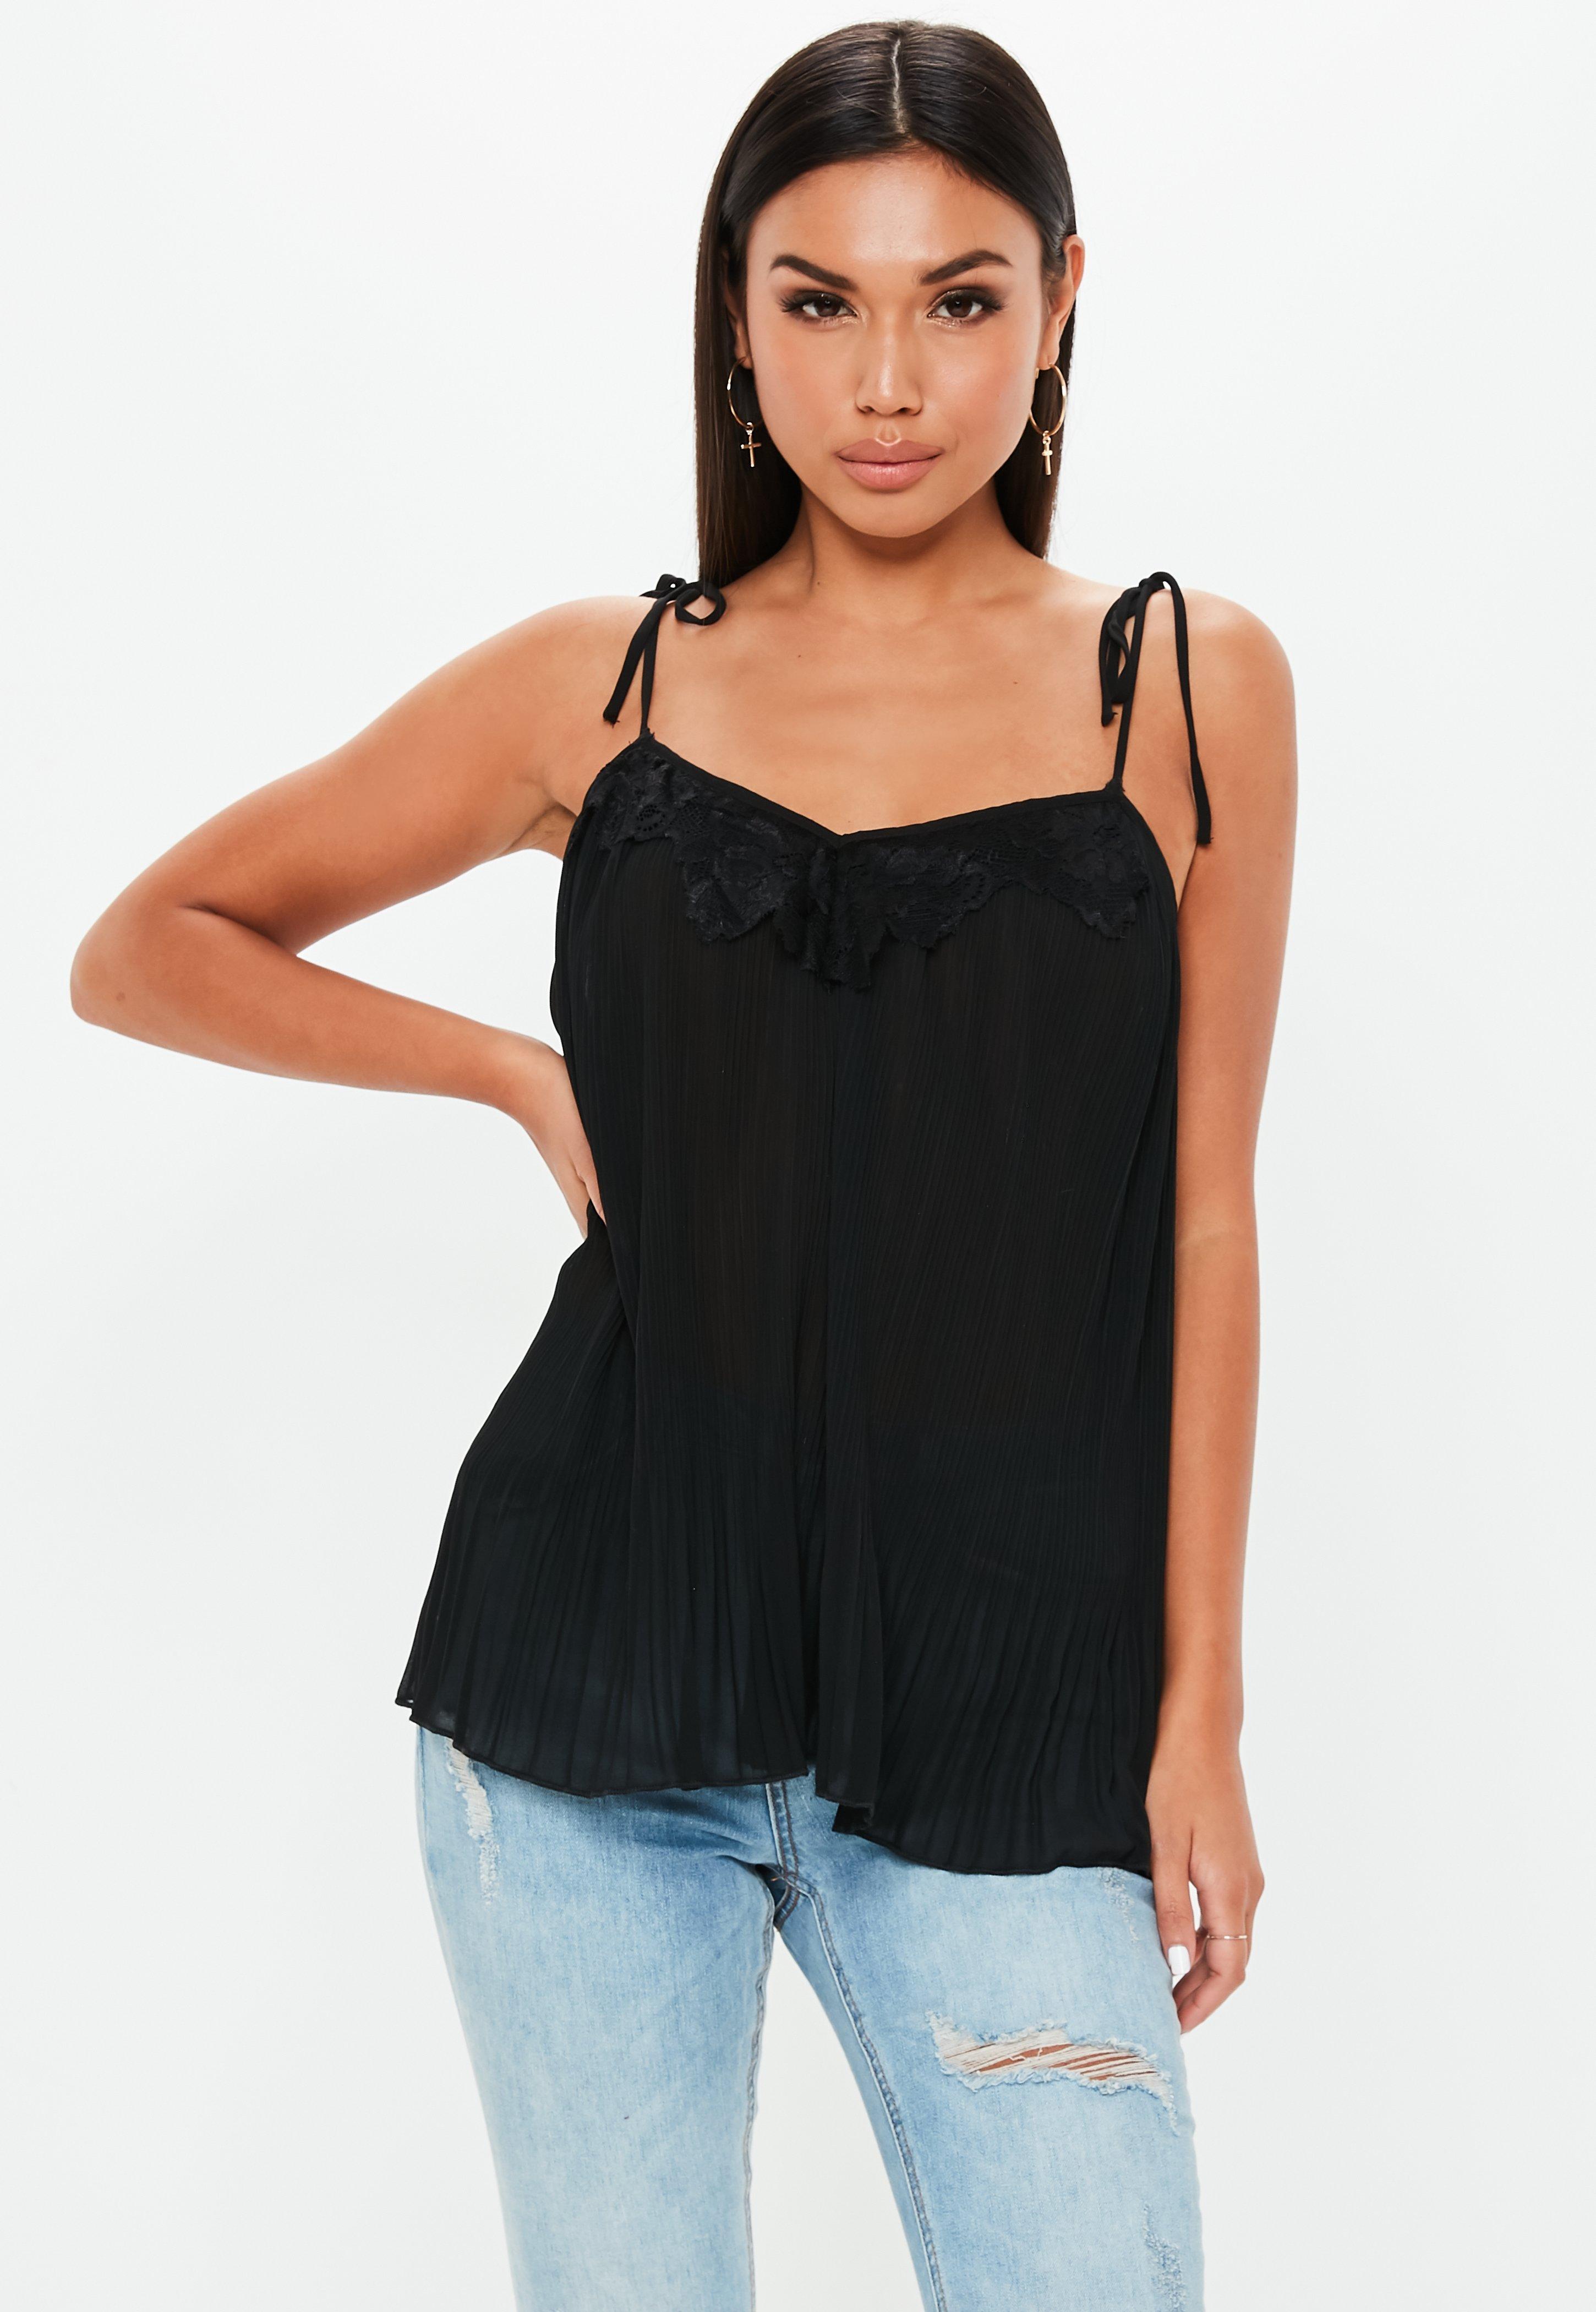 fb3ecd040d9b1 Soldes   Vêtement   mode femme pas cher - Missguided